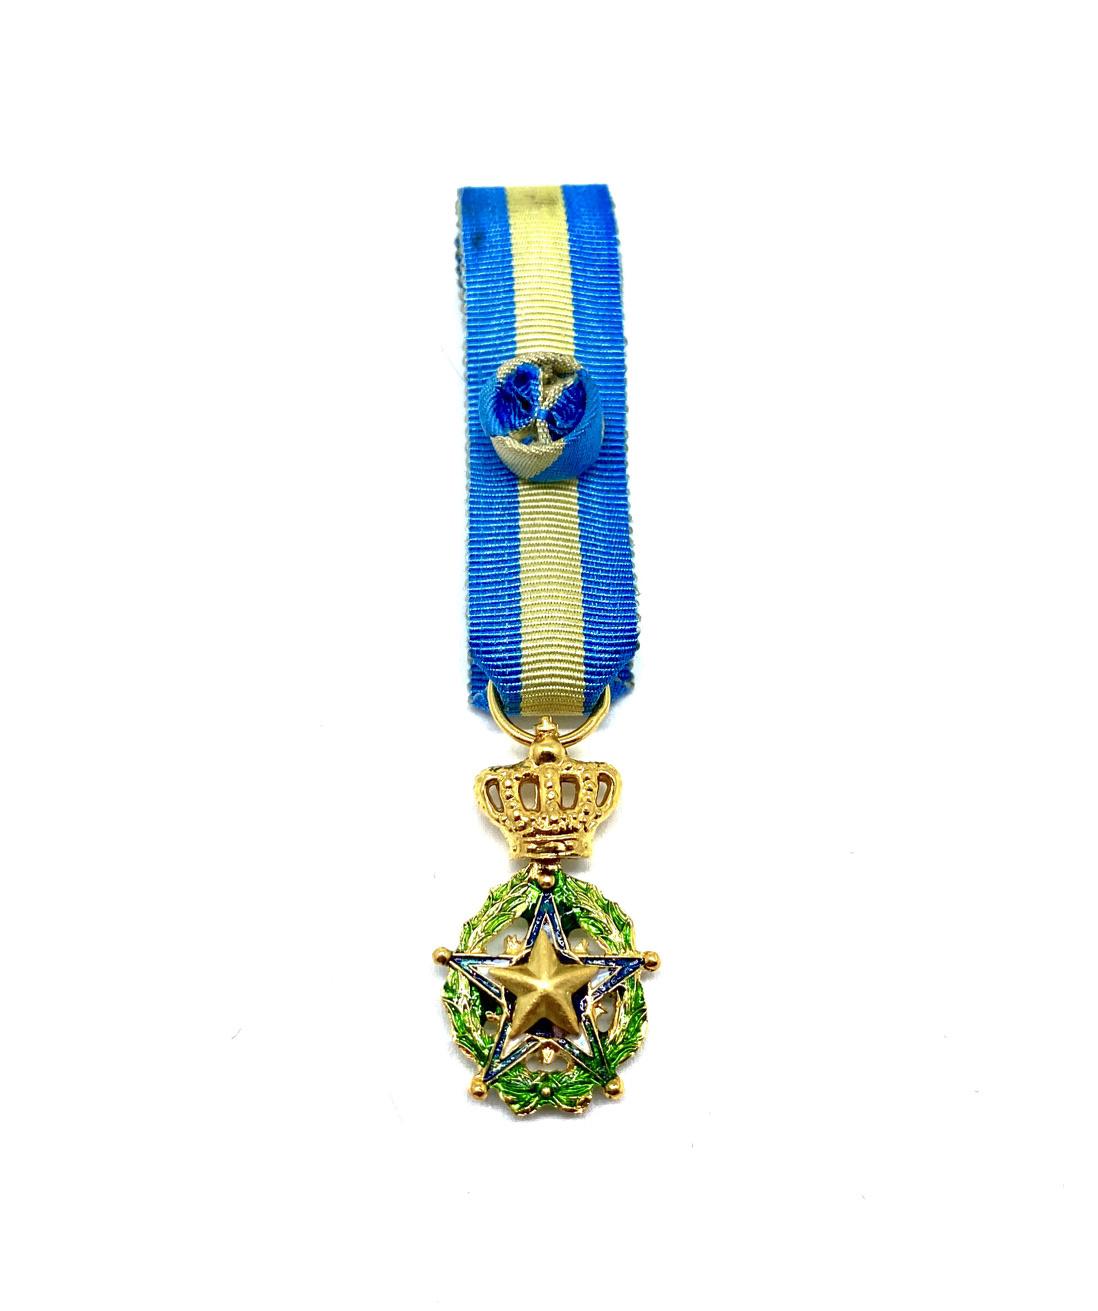 Officier in de Orde van de Afrikaanse Ster